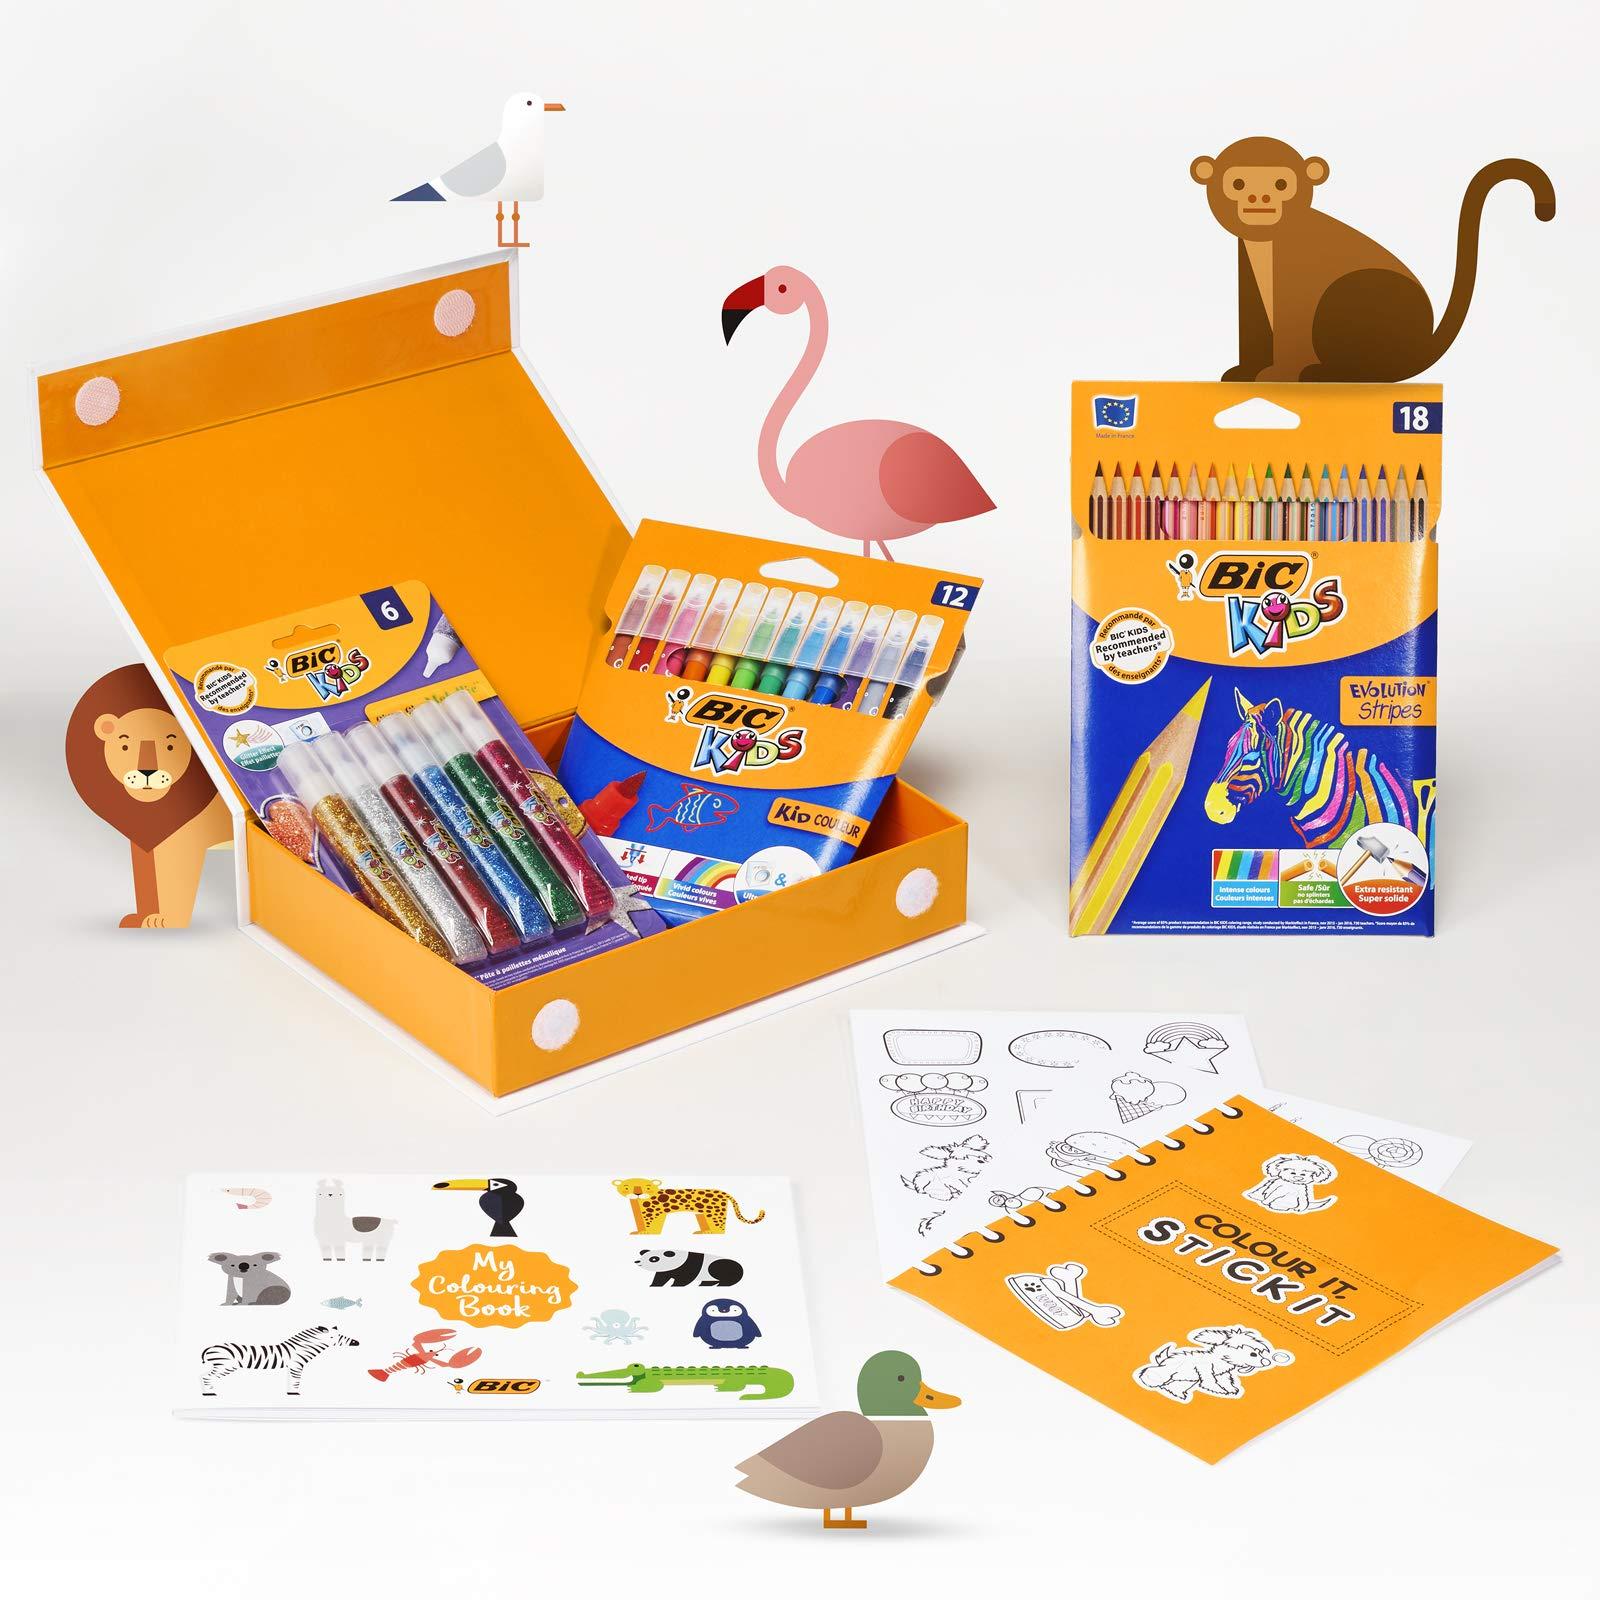 BIC My Colouring Box - Kit para Colorear con 12 Marcadores/18 Lápices de colores/6 Tubos de Pegamento con Purpurina/1 Libro para Colorear y 36 Adhesivos: Amazon.es: Oficina y papelería